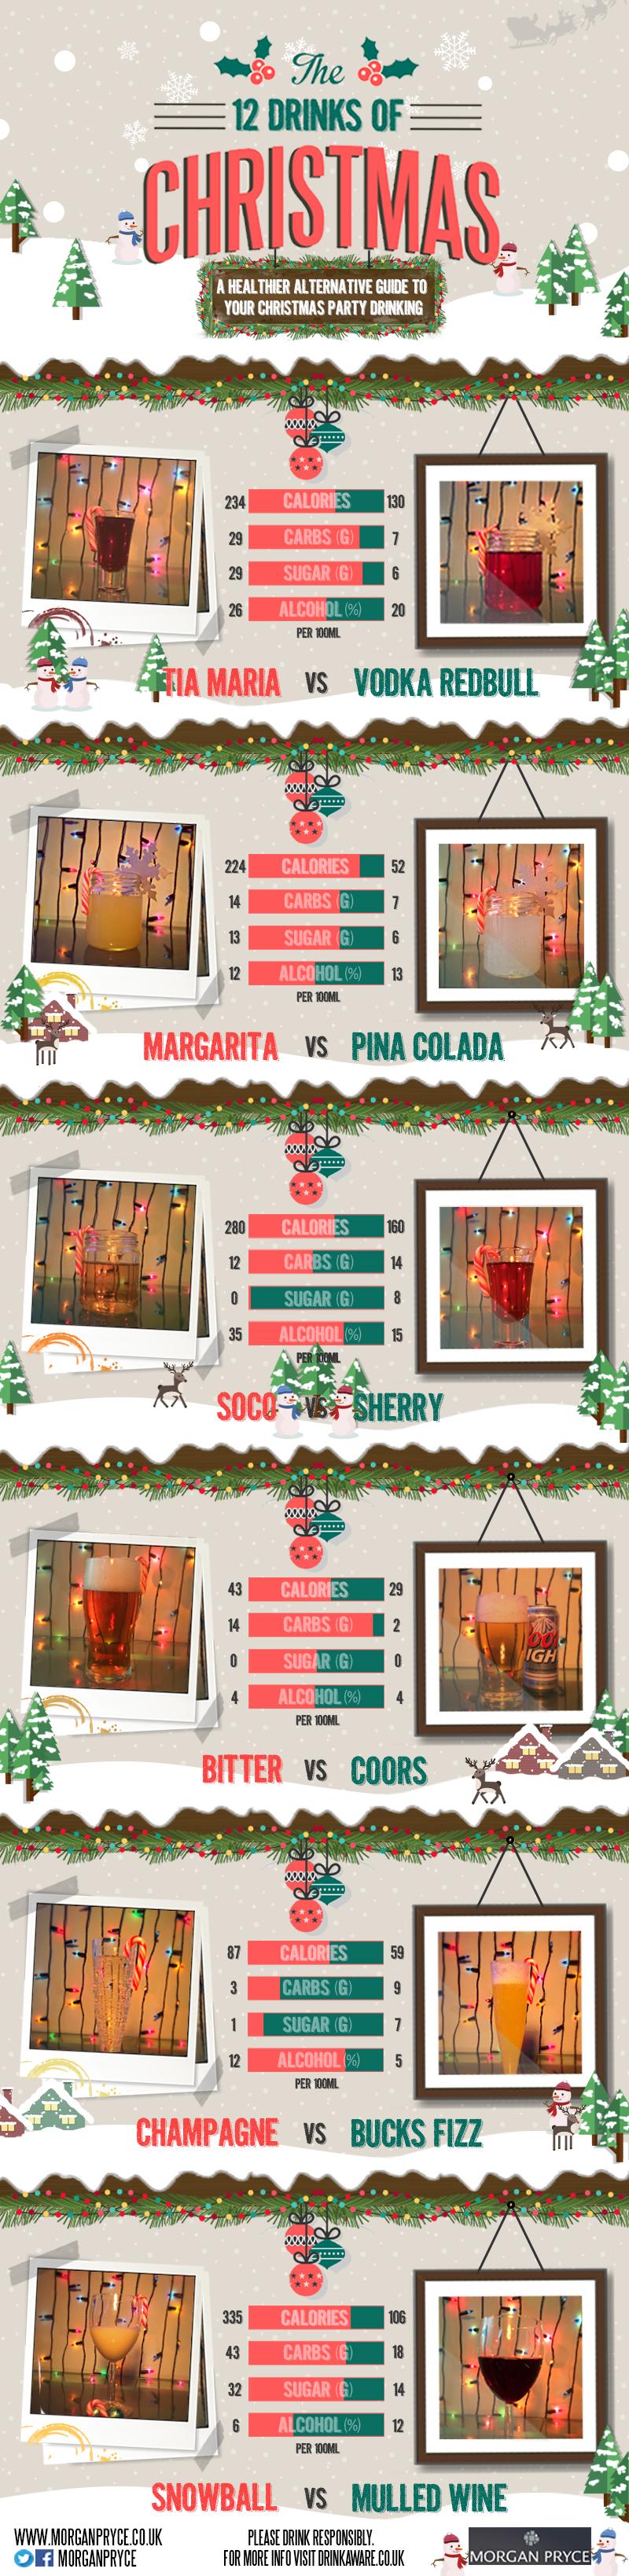 12 drinks of christmas infographic morgan prycejpg - 12 Drinks Of Christmas